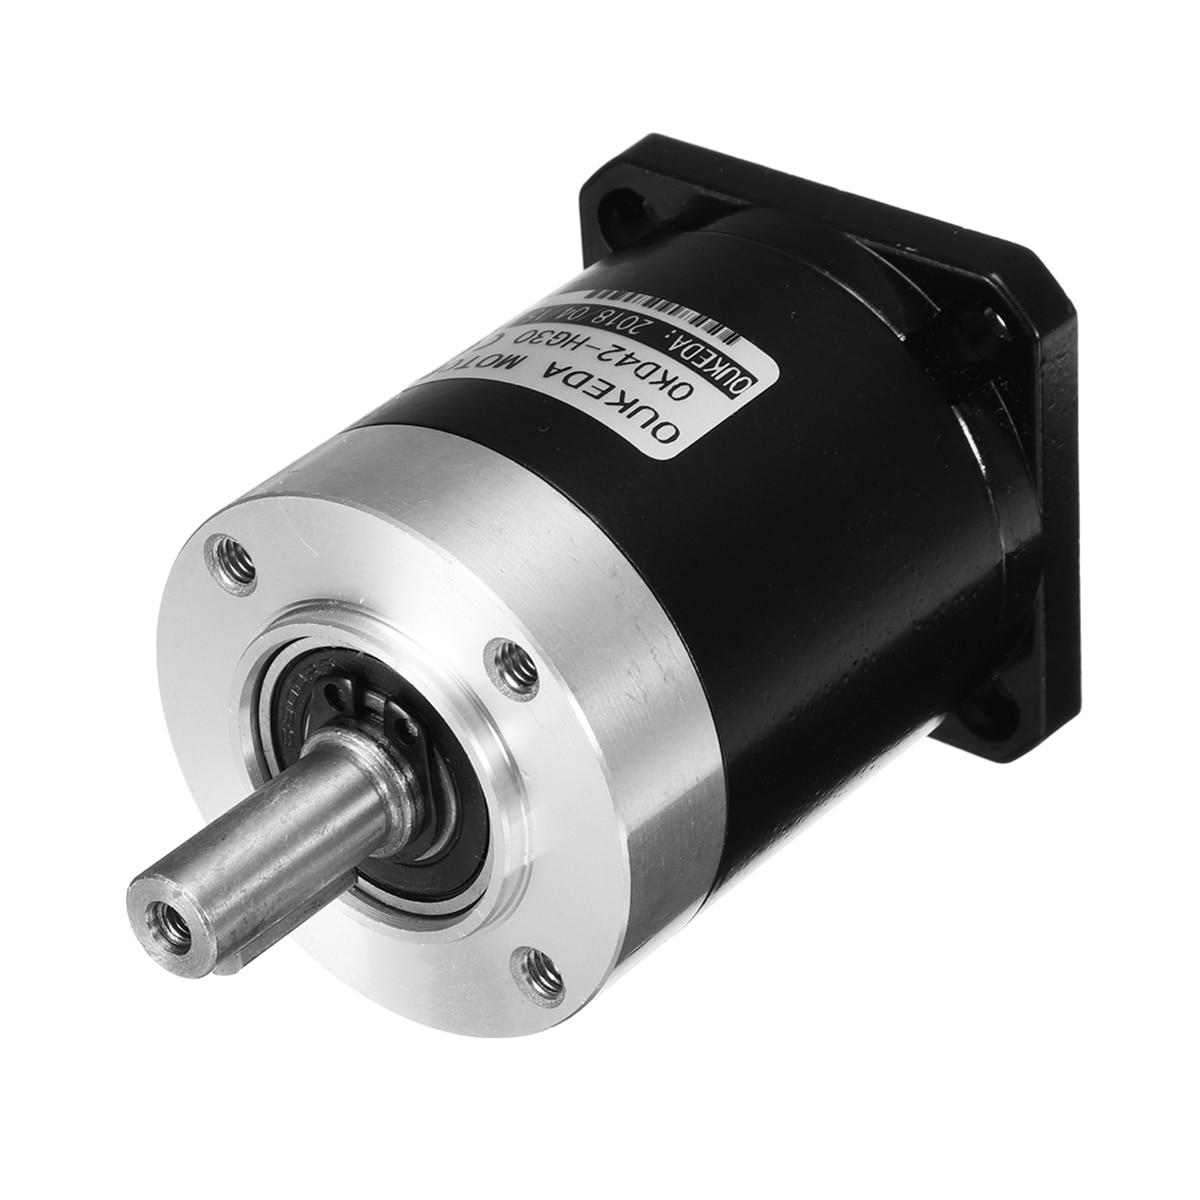 Motor de passo de Engrenagem Planetária Caixa de Velocidades Proporção 40: 1 50: 1 100:1 Stepper Motor Motores Electrical Equipment & Supplies Acessórios